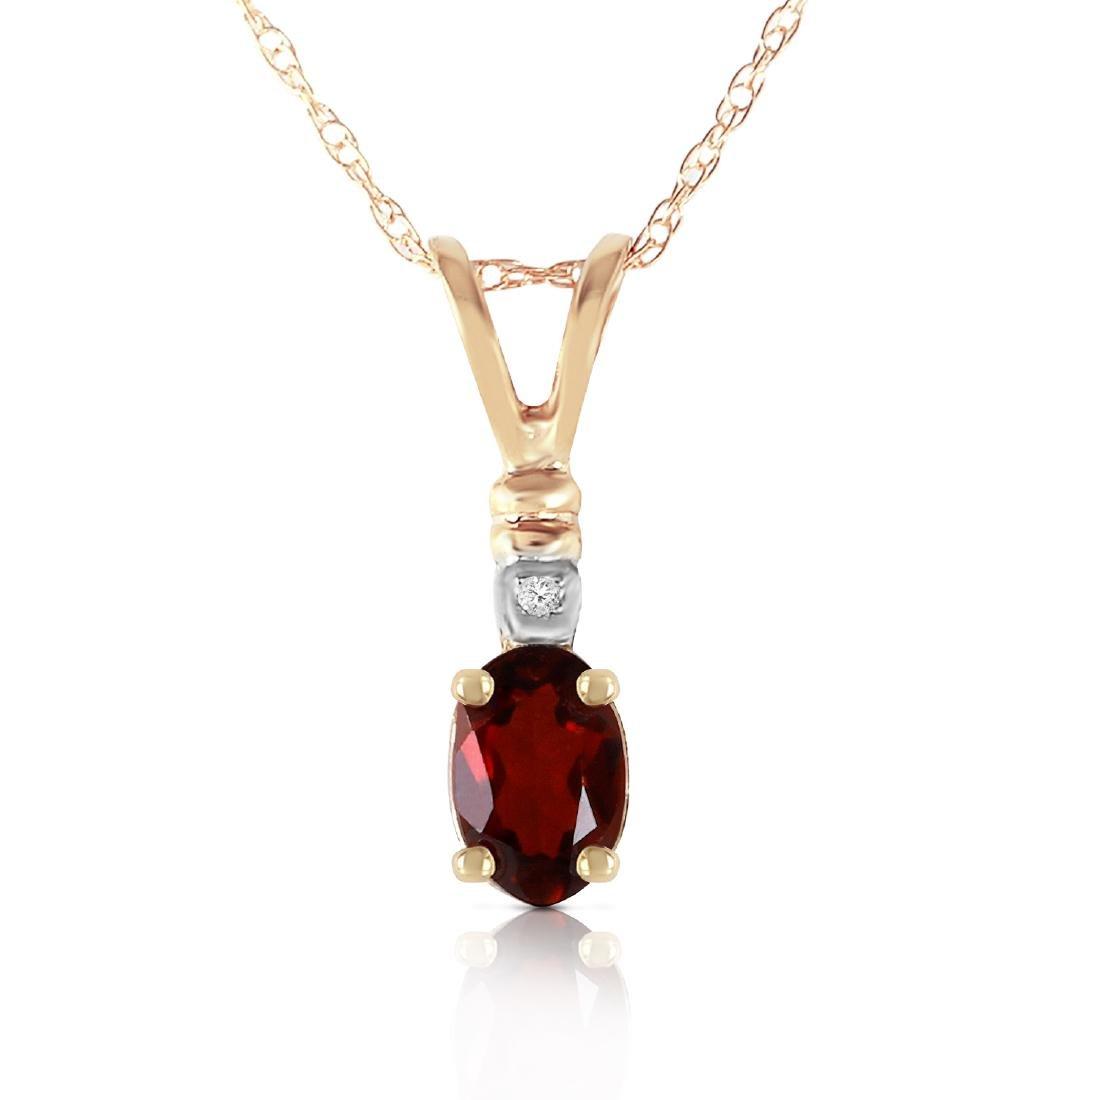 Genuine 0.46 ctw Garnet & Diamond Necklace Jewelry 14KT